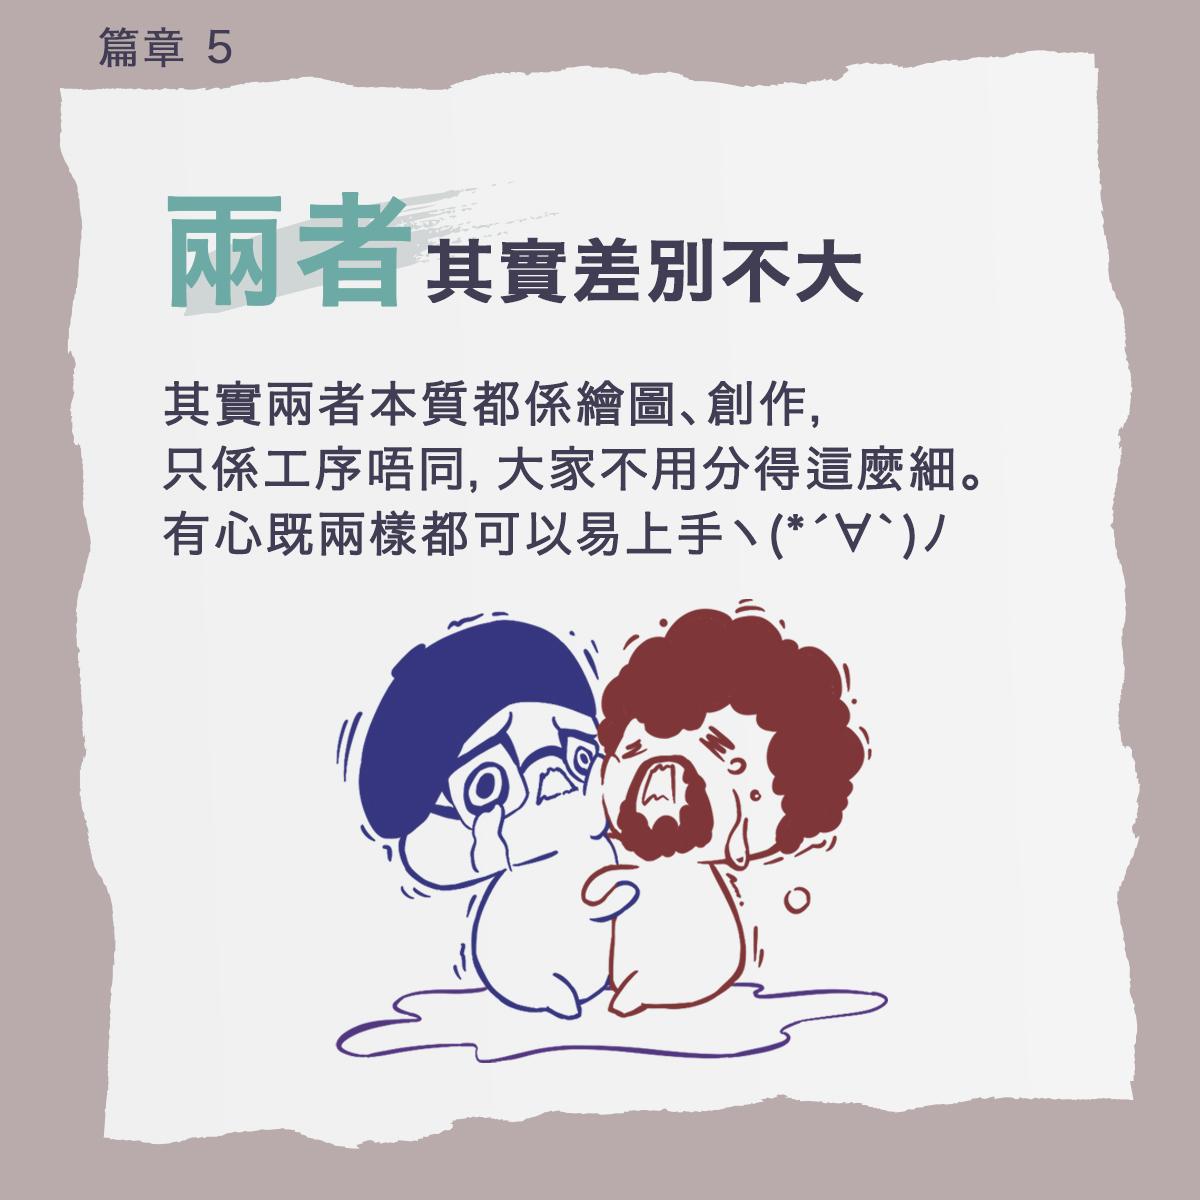 04小知識:【厚塗與賽璐璐】==========================